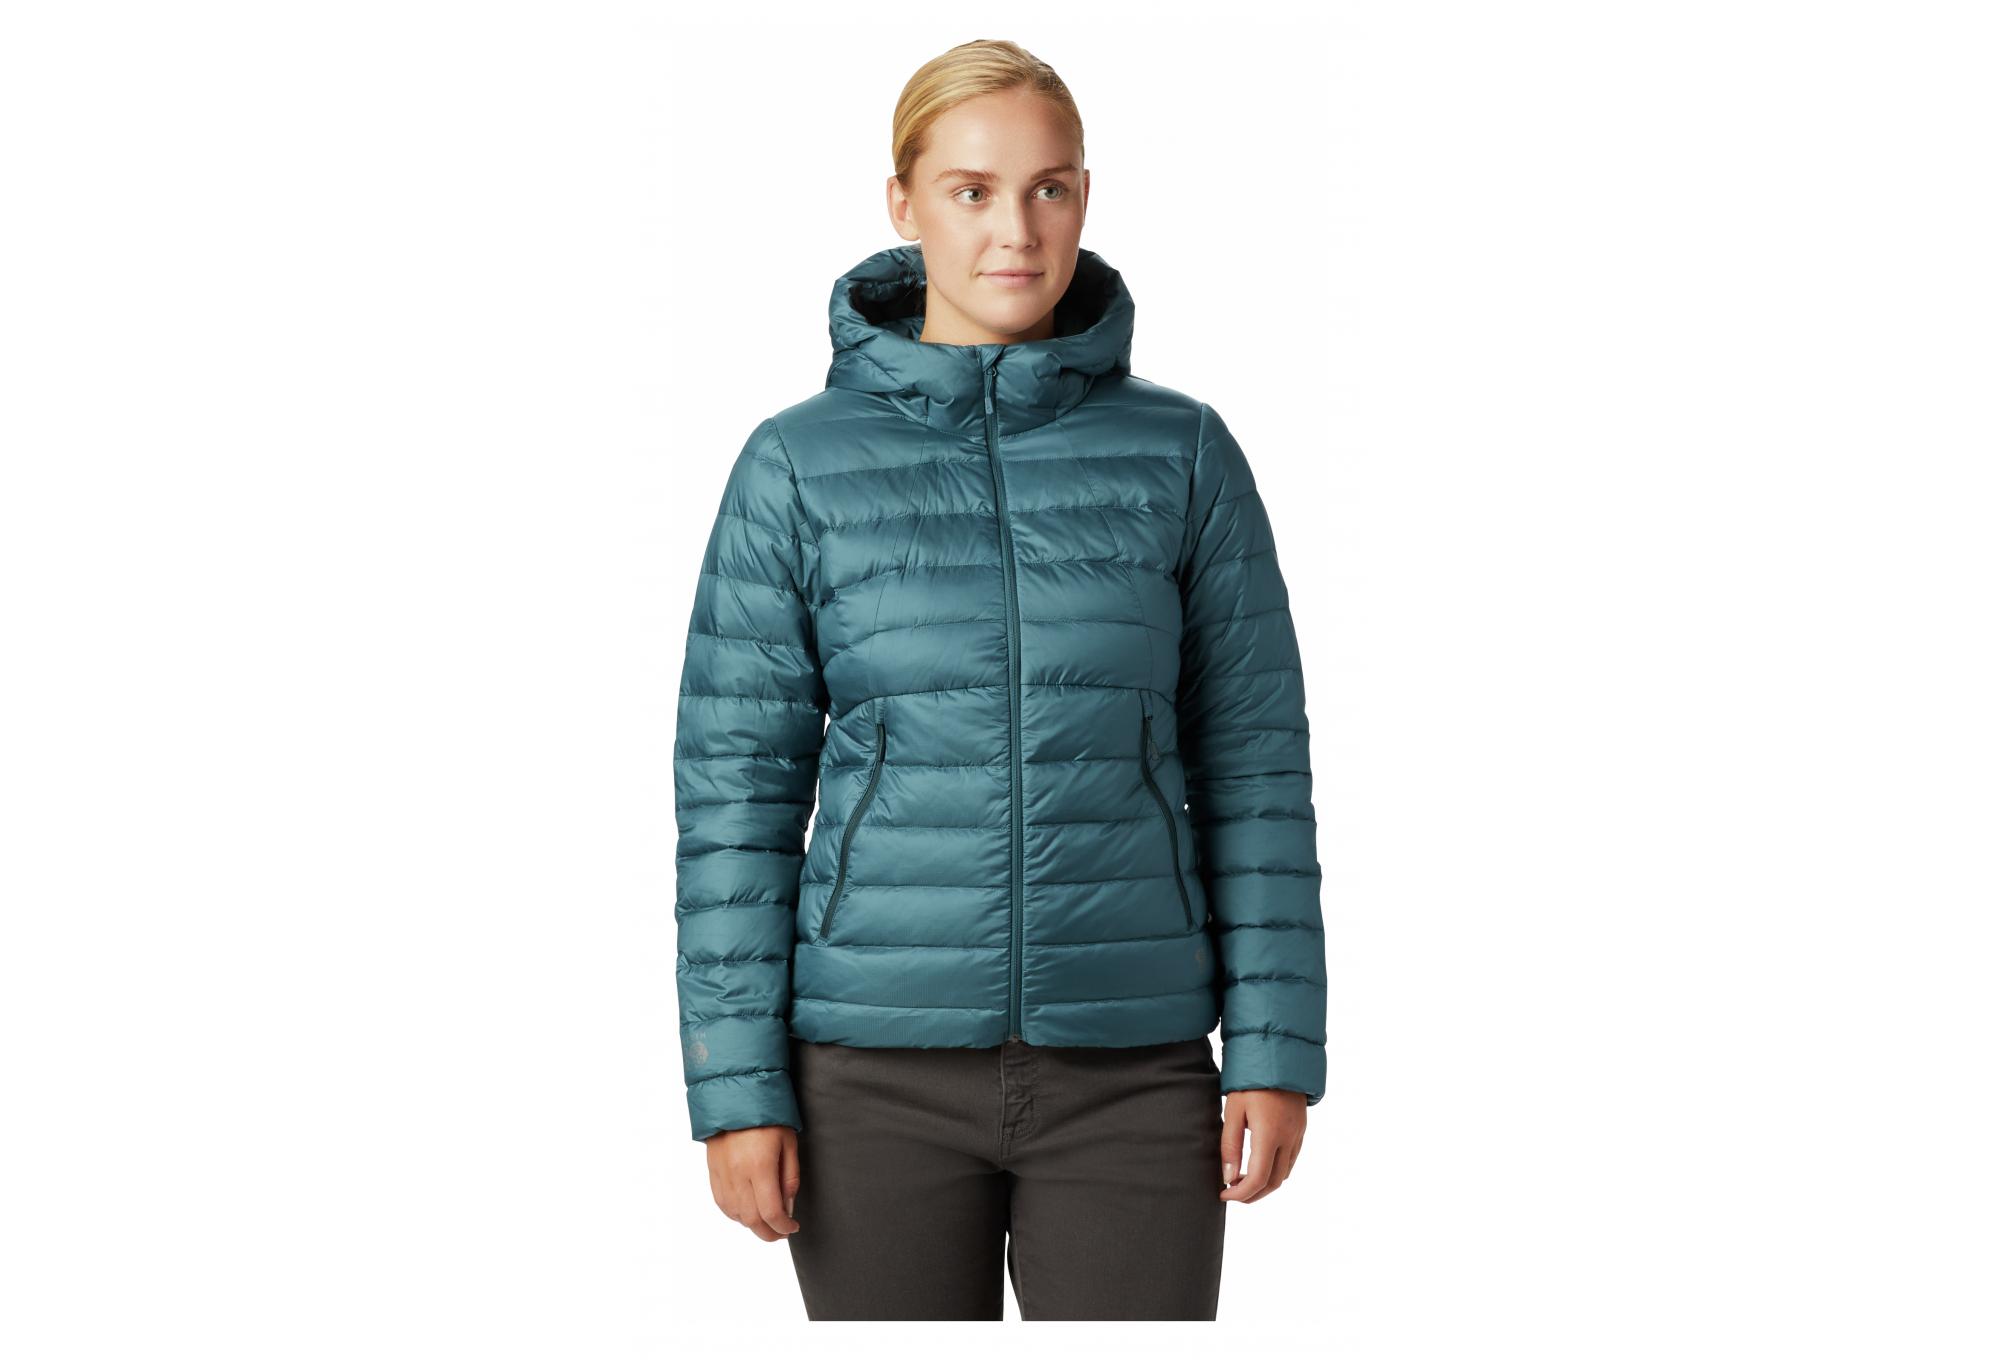 Doudoune avec capuche Femme Mountain Hardwear Rhea Ridge Bleu